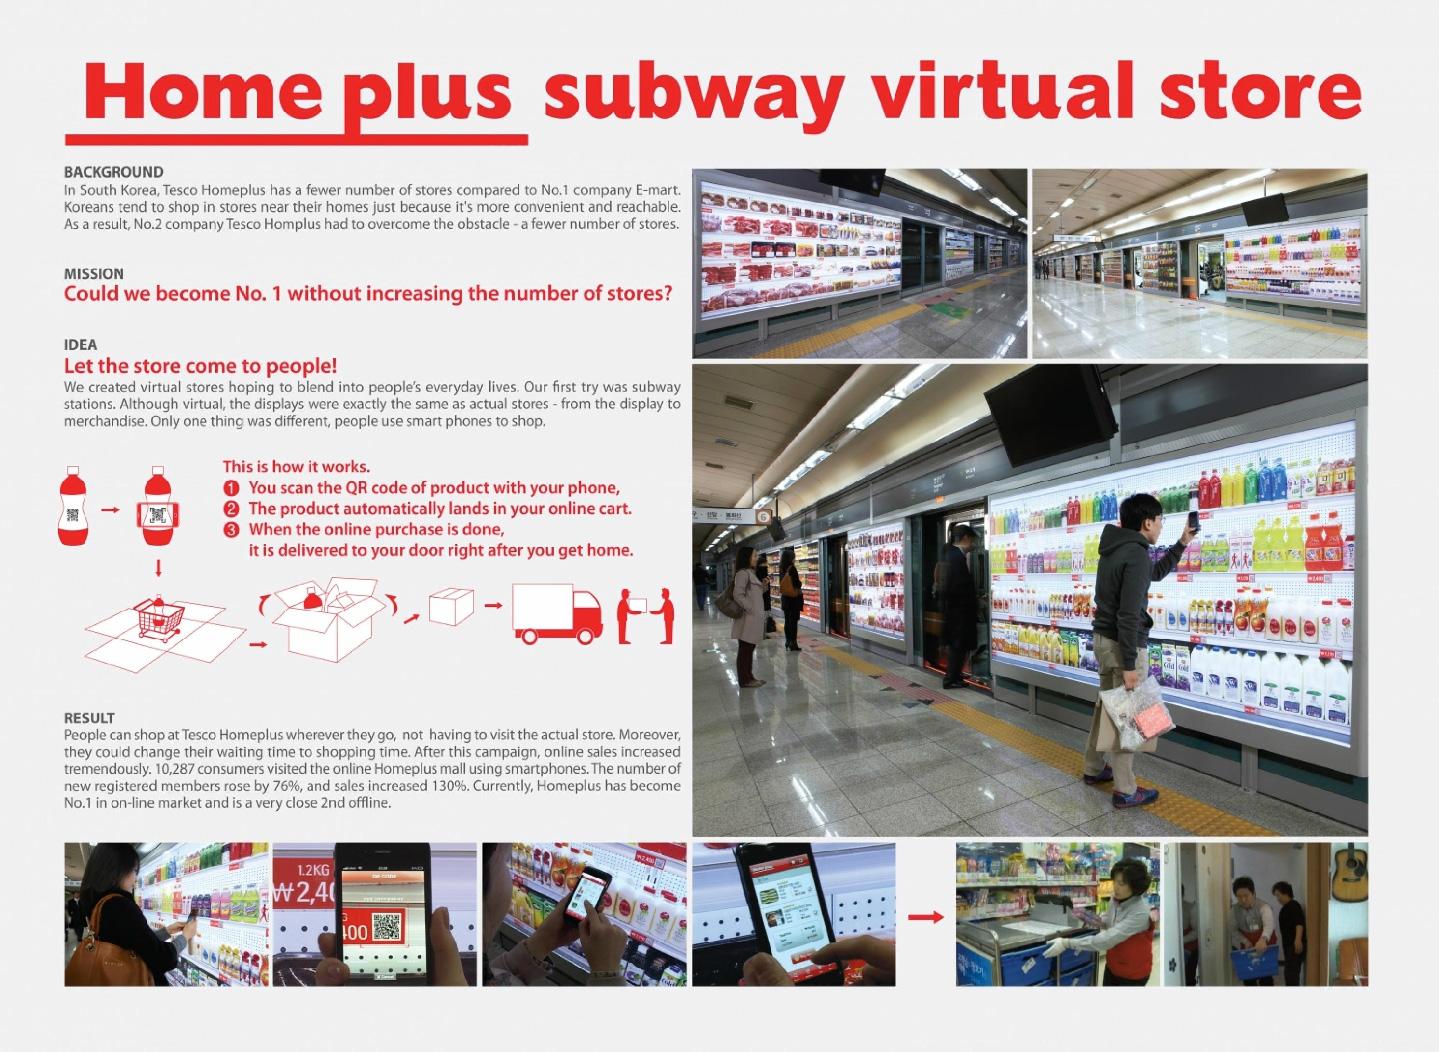 Subway_virtual_store